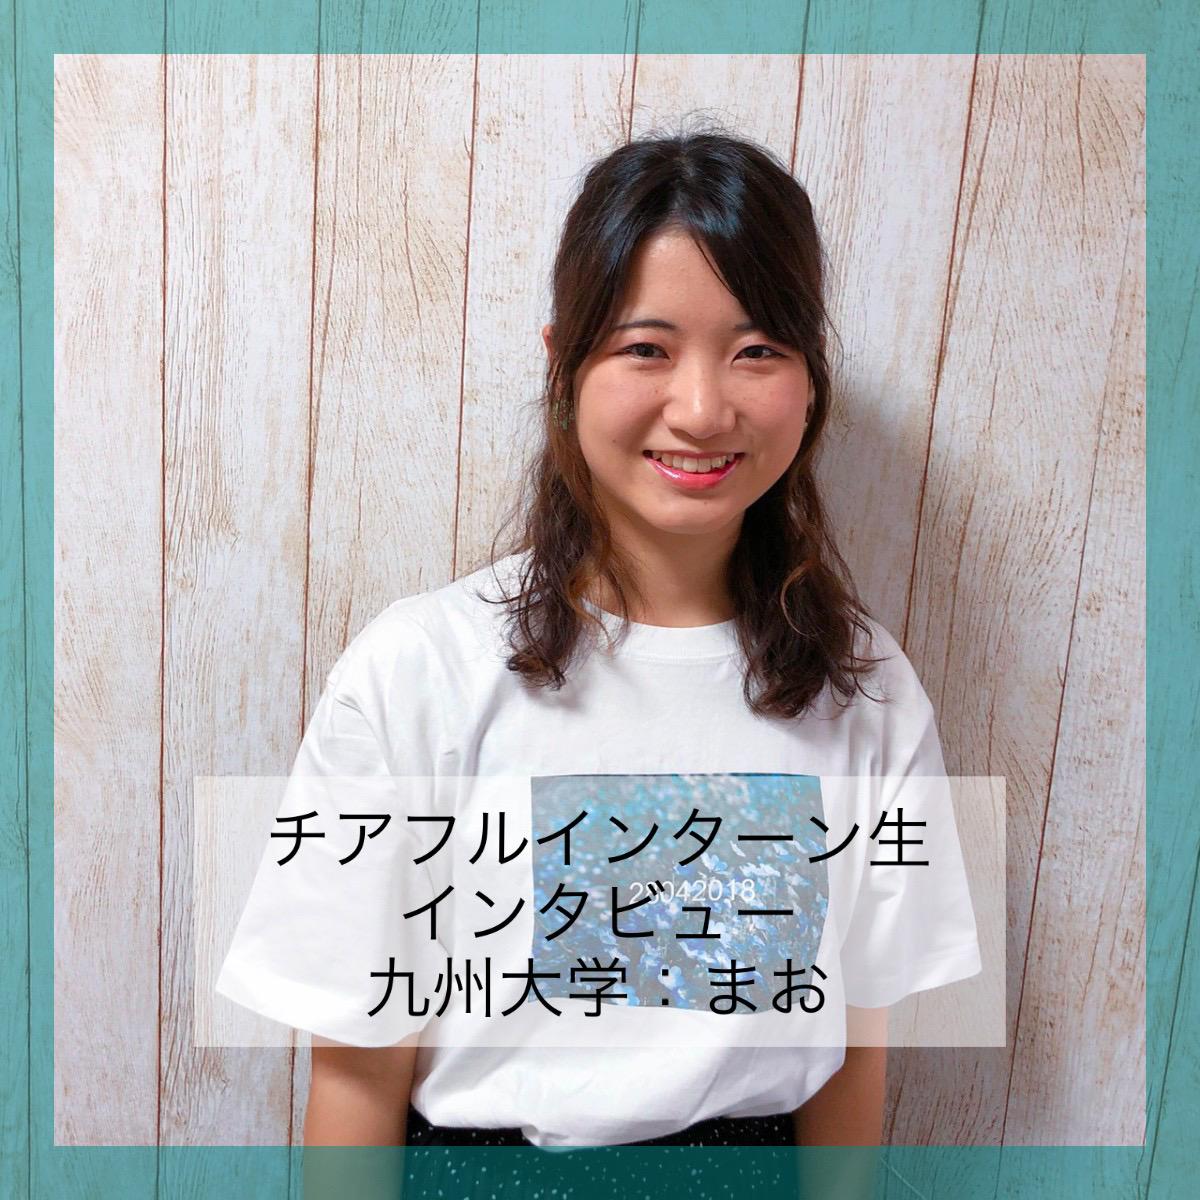 【福岡21卒:九州大学】VISIONを体現することが、将来の目標につながると思い入会しました